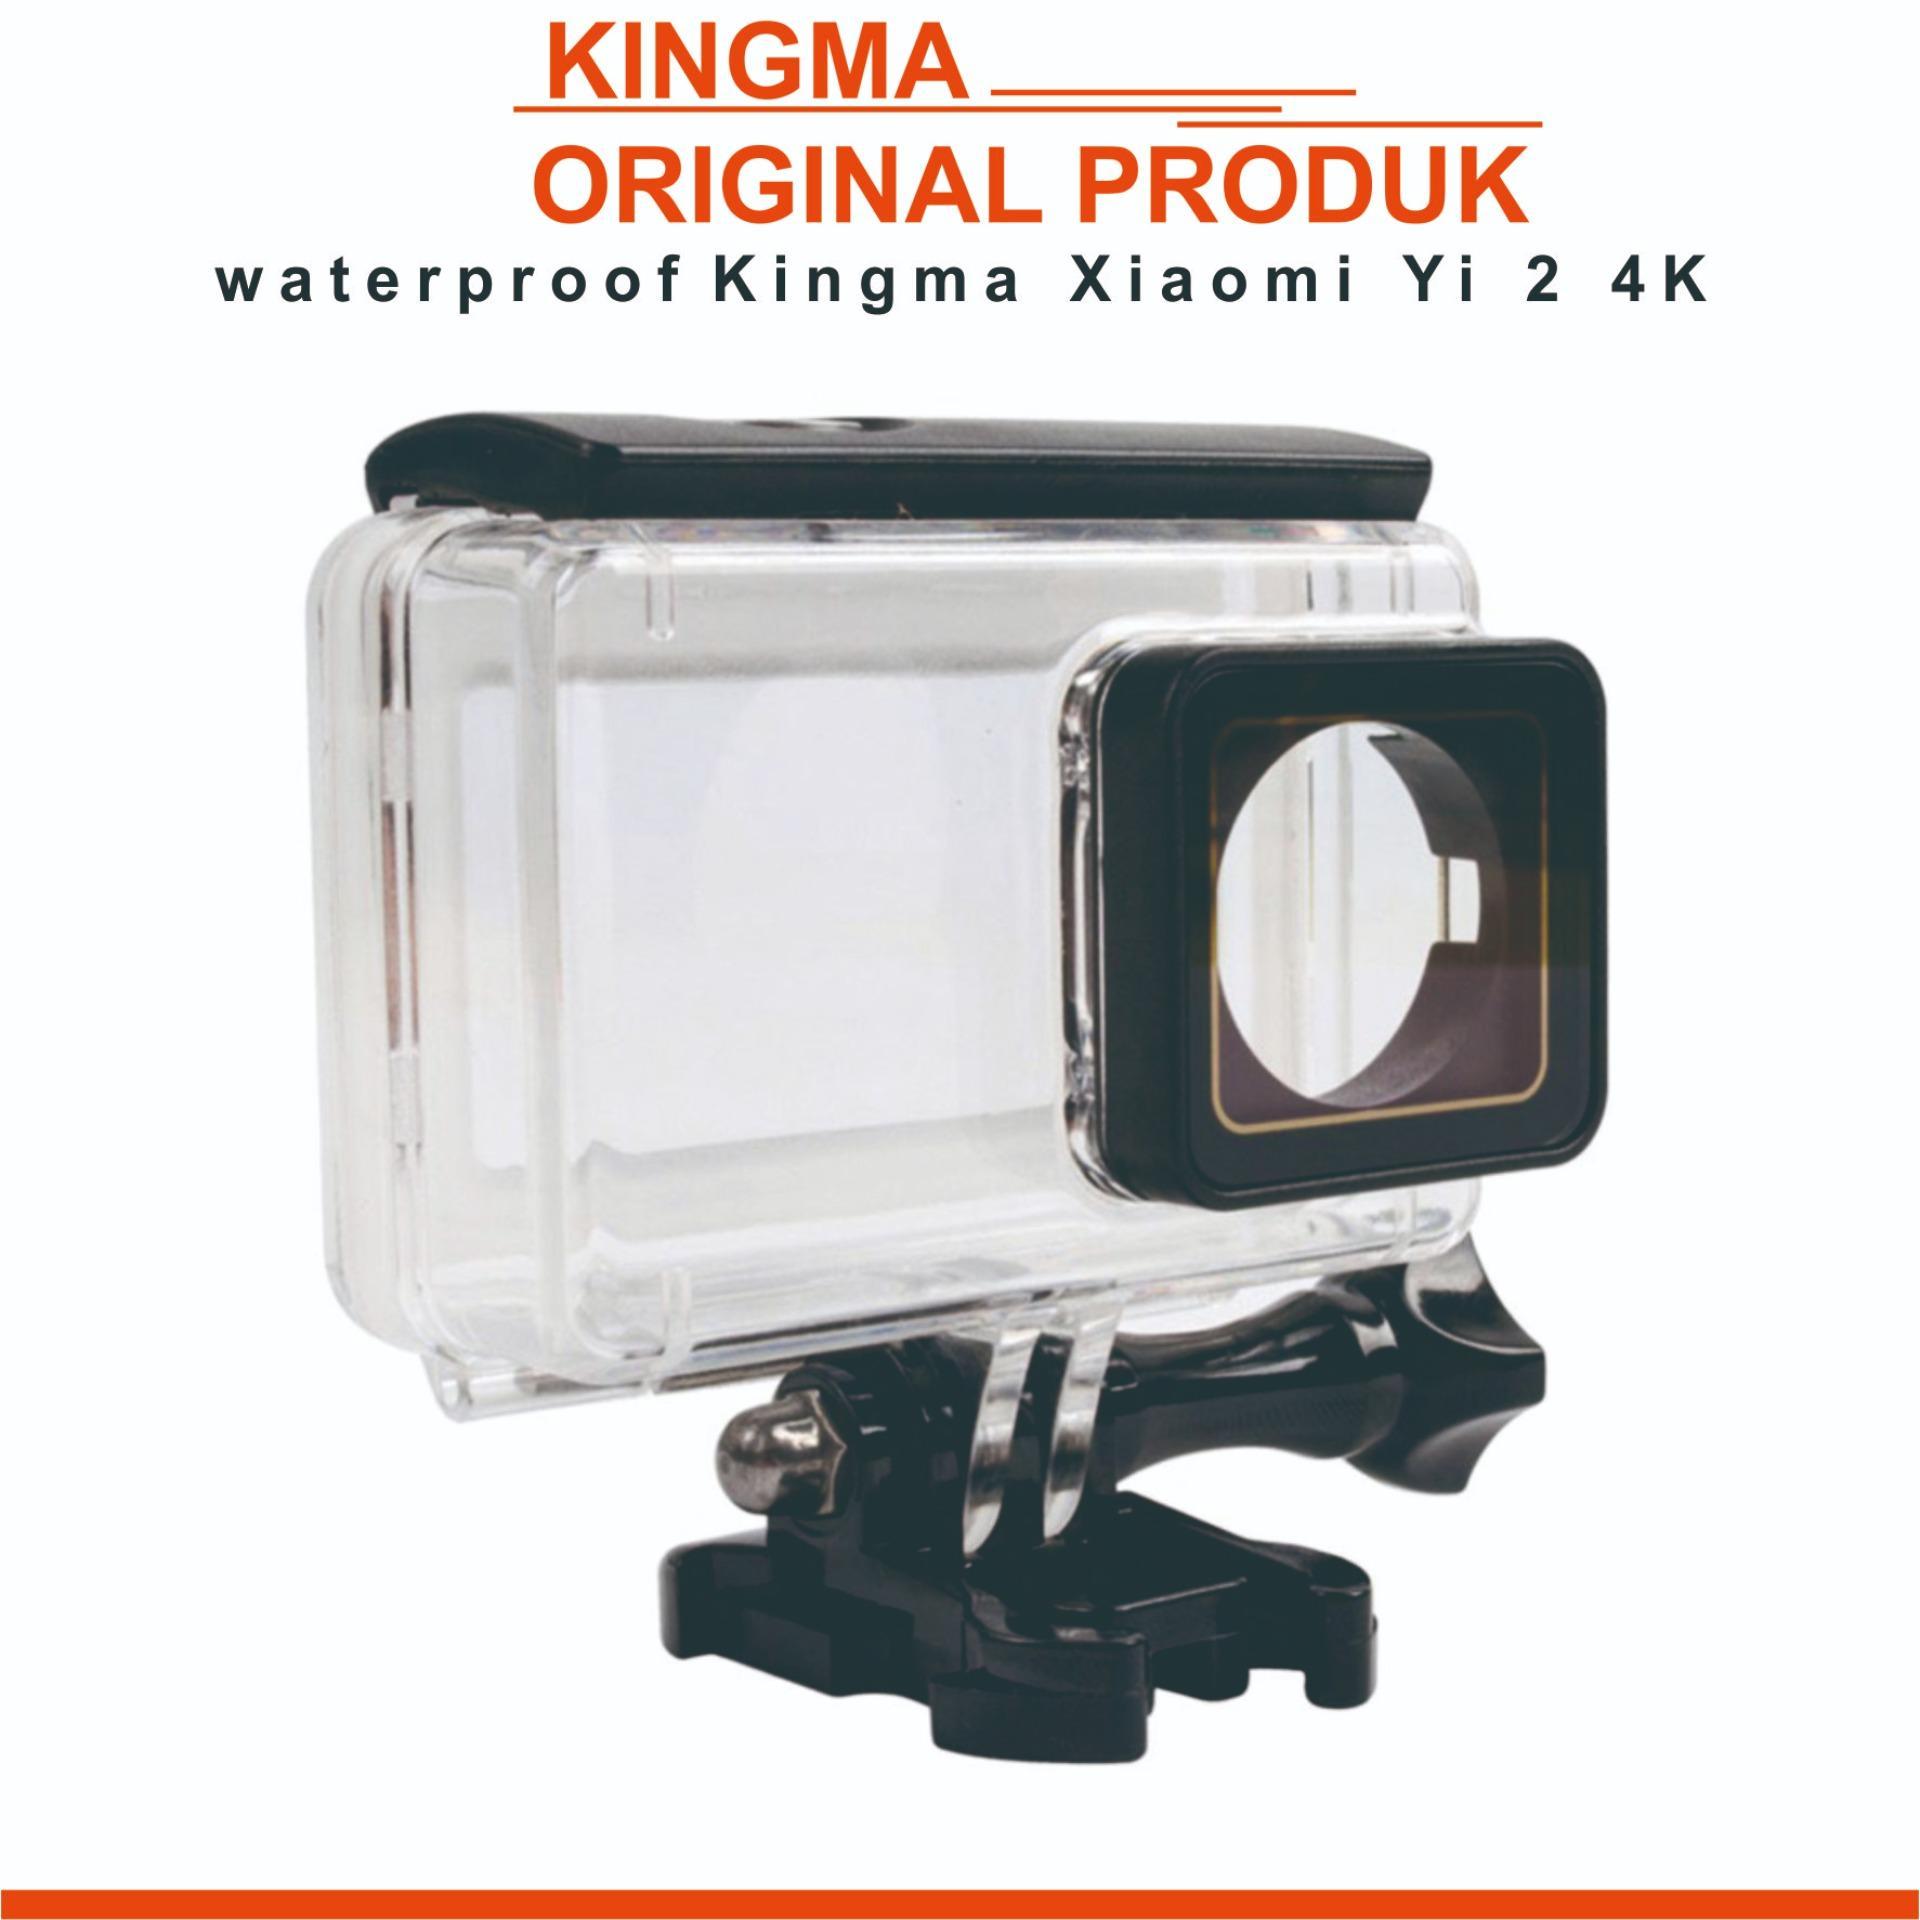 Jual Produk Kingma Online Terbaru Di Paket 2pcs Battery Baterai Batre Xiaomi Yi Dual Charger Usb Cable Original Waterproof Case For 2 4k